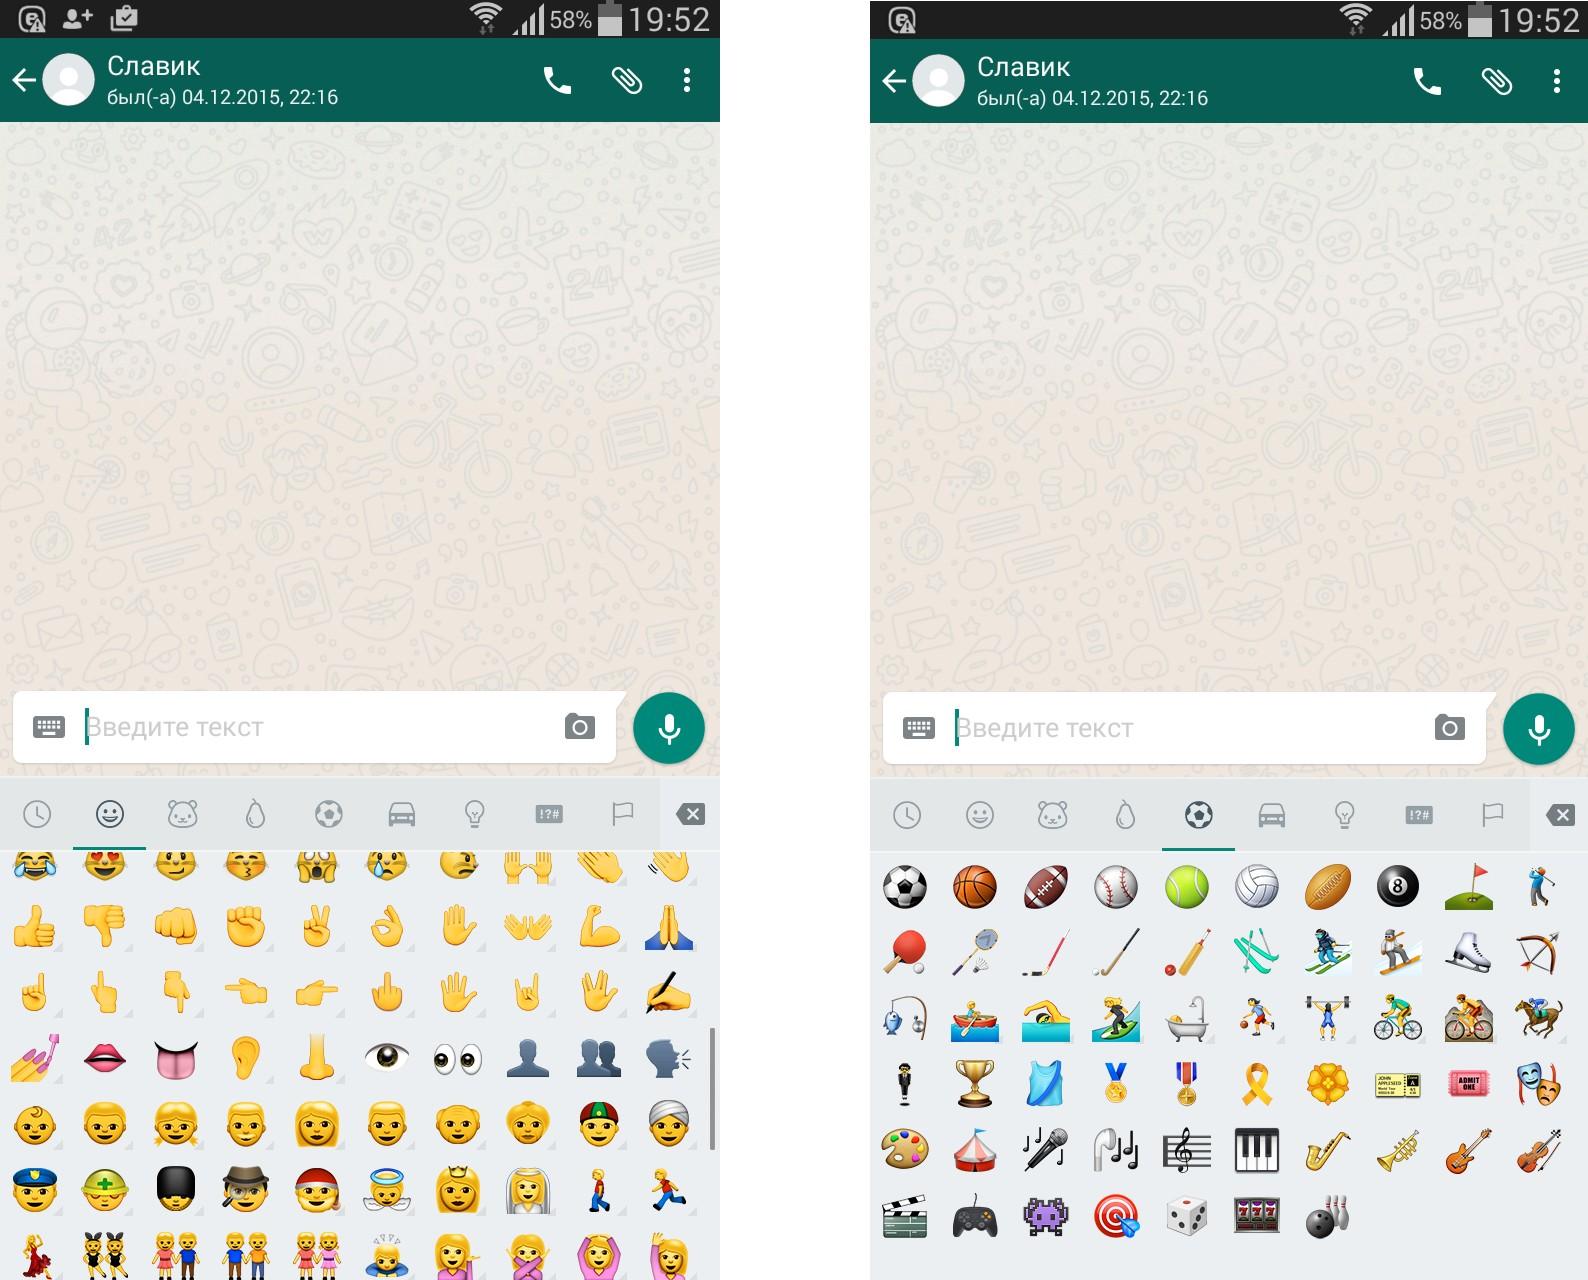 андрея как приложение переделывает фото символами закрепить можно